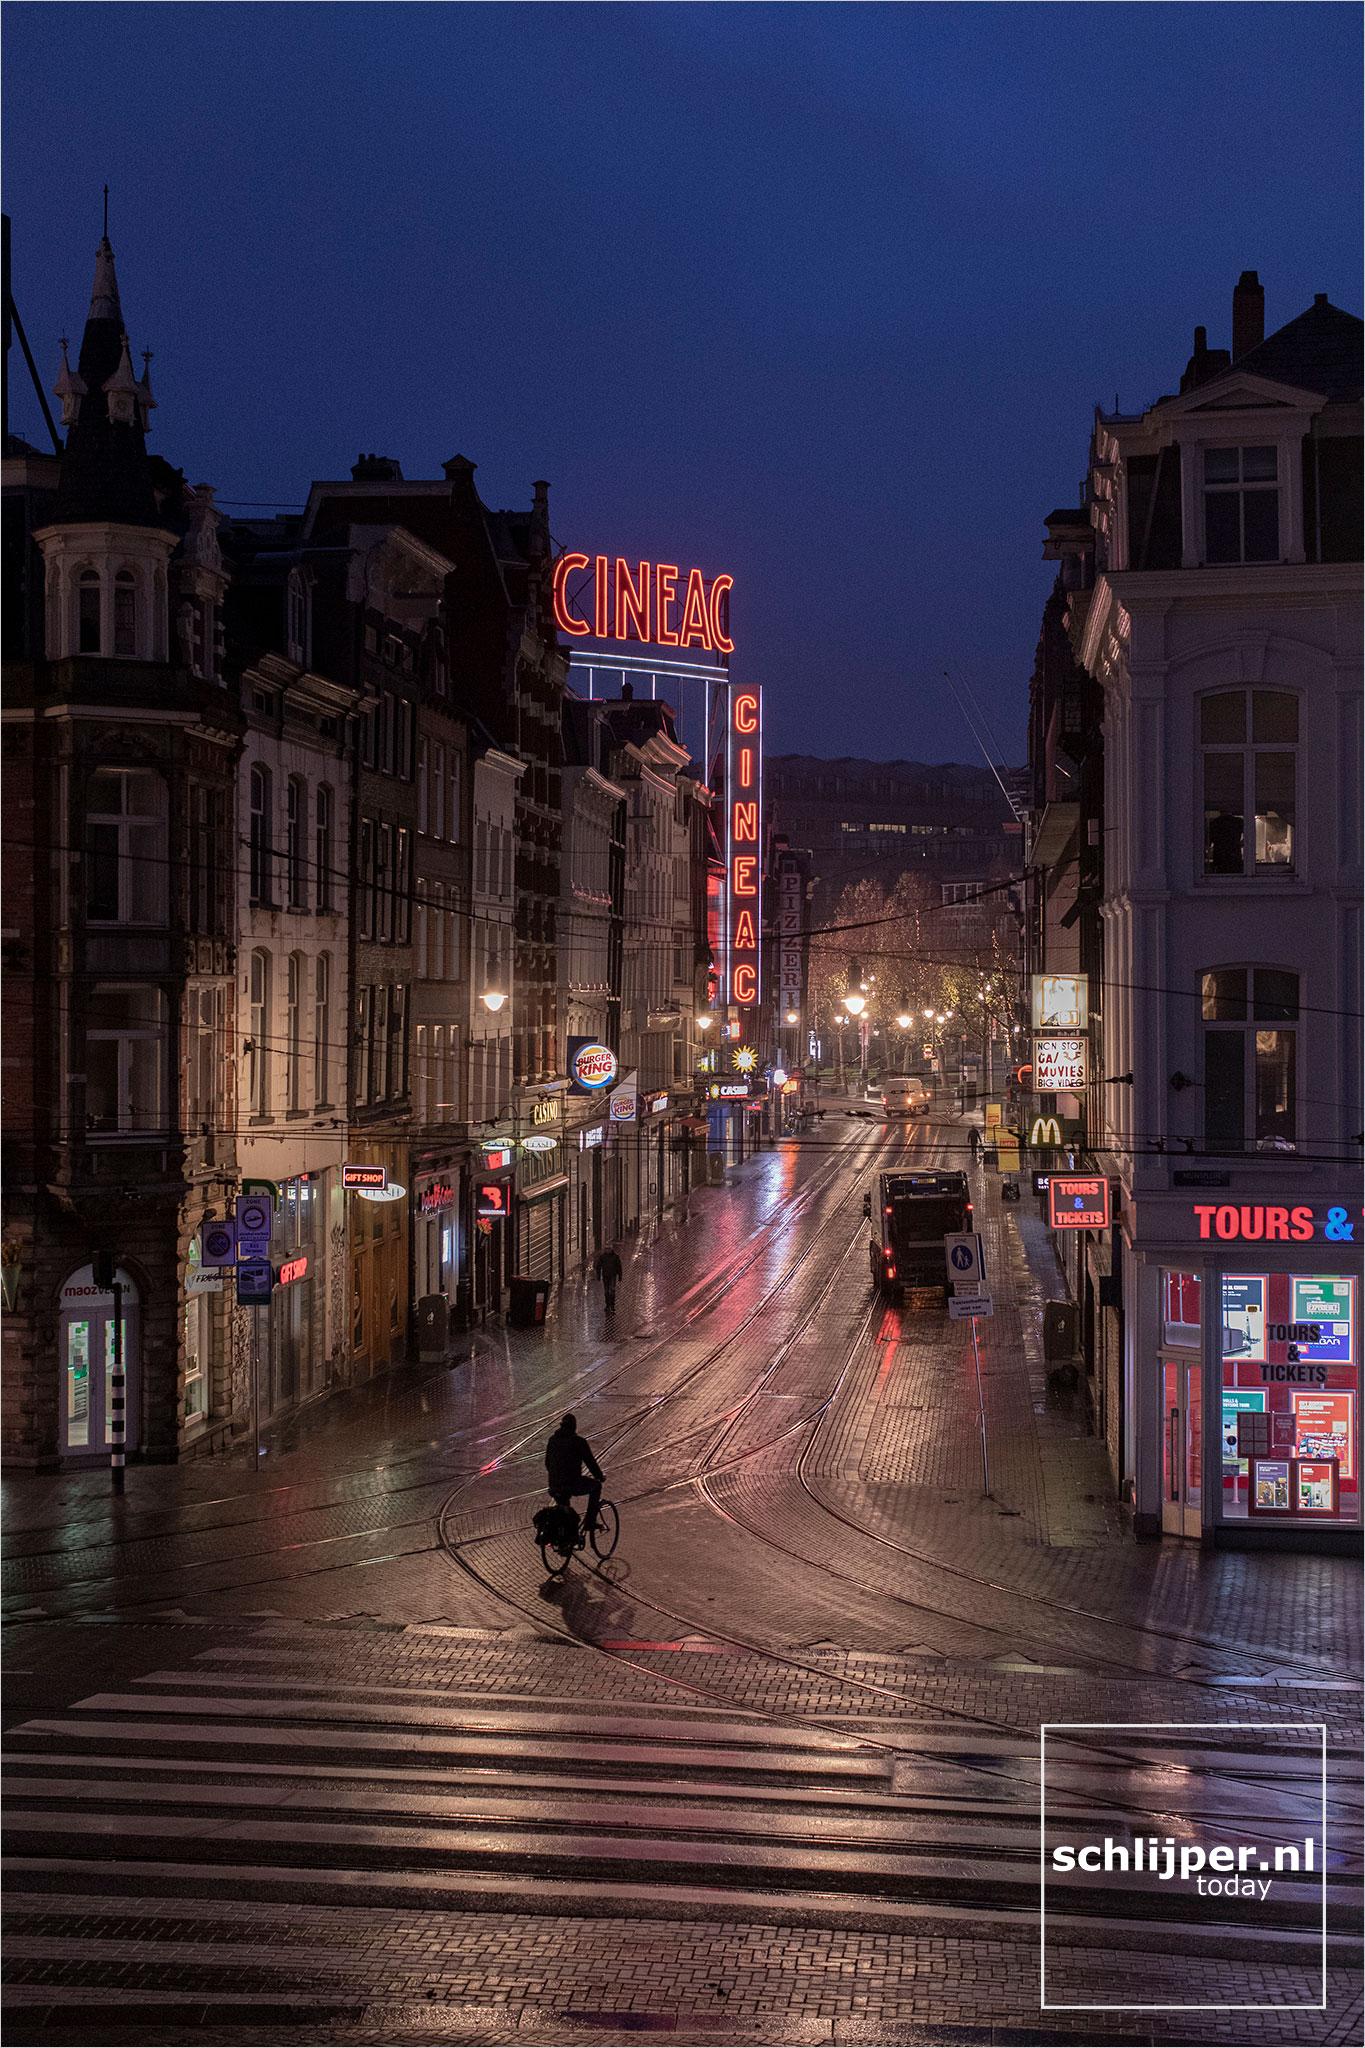 Nederland, Amsterdam, 21 november 2020